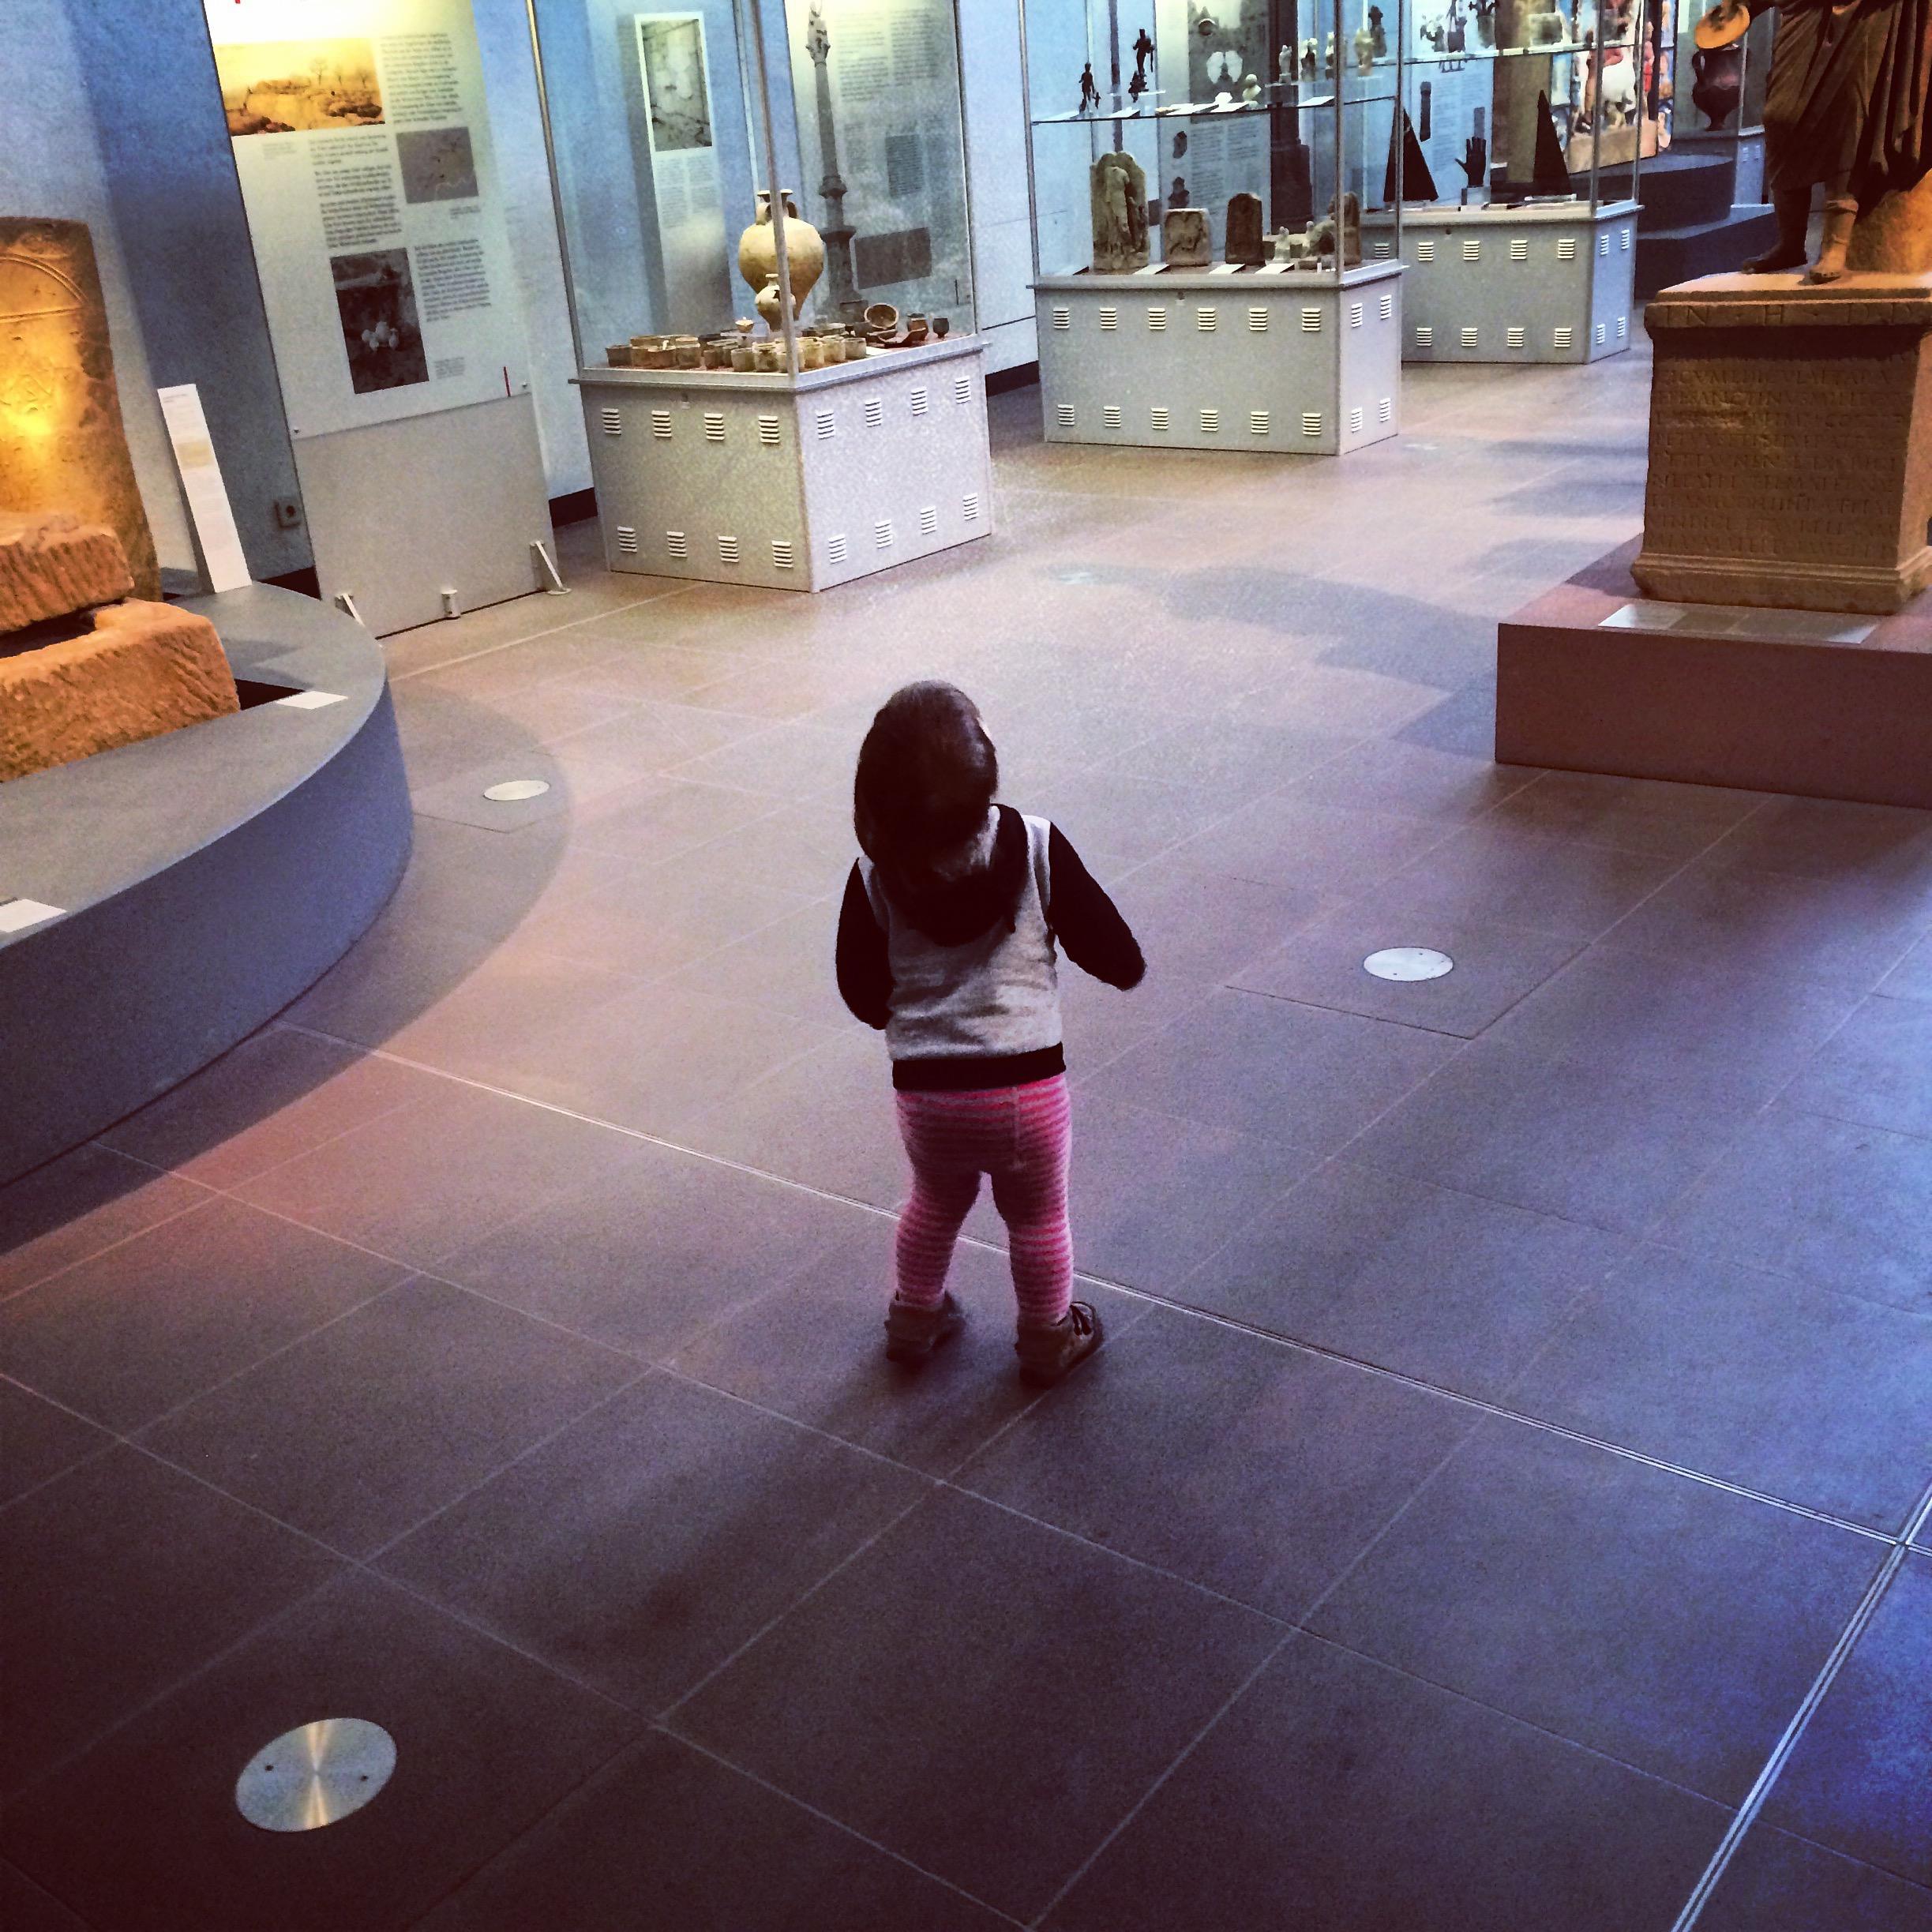 Kind im Museum: Ob es laut ist, klebt, riecht oder unangenehme Fragen stellt, ist nicht überliefert.